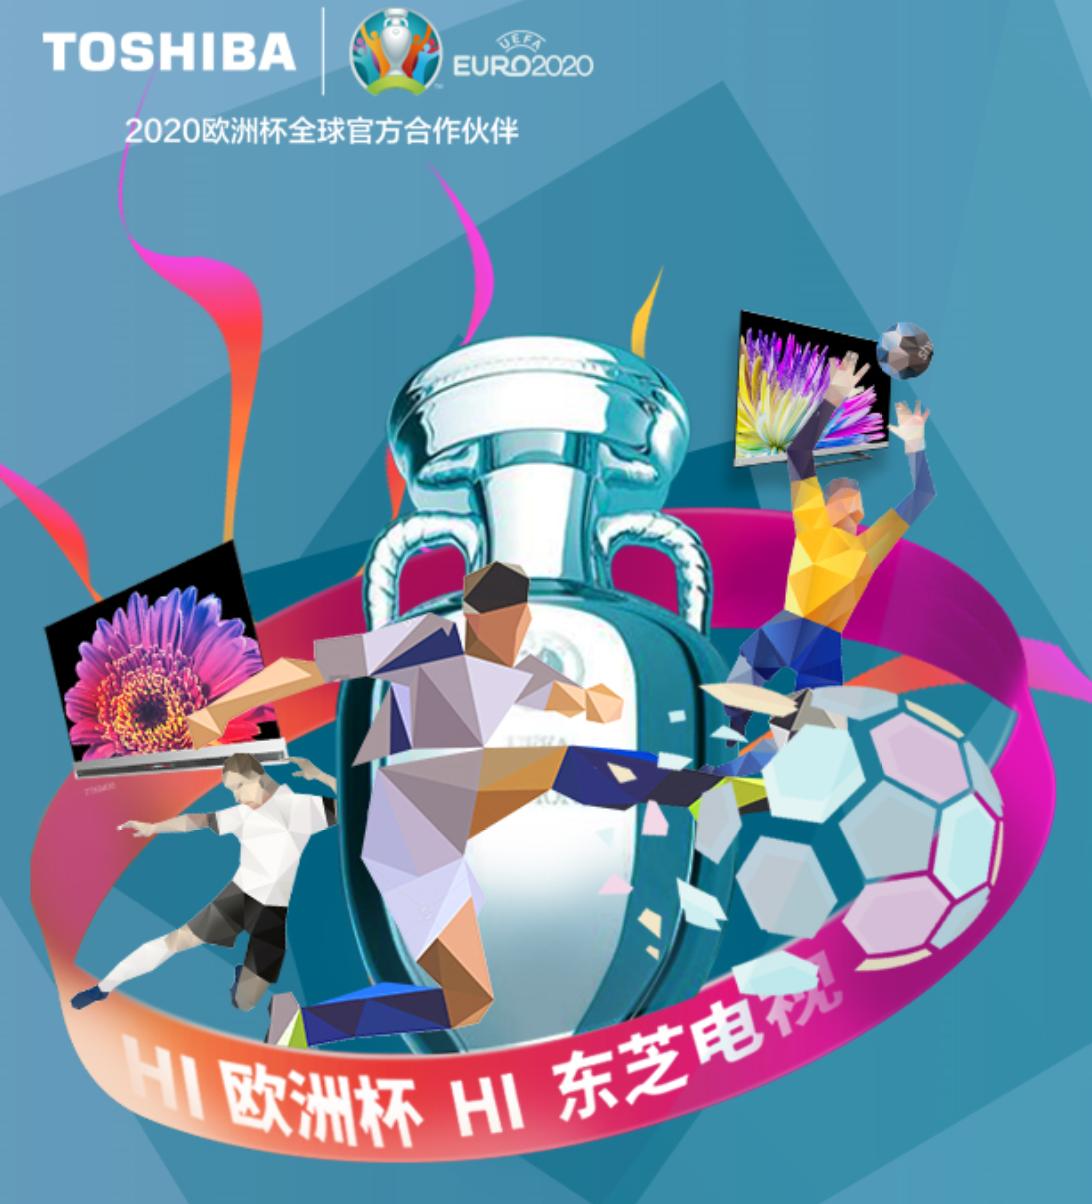 欧洲杯开战在即,官方合作伙伴东芝电视开启冠军冲刺